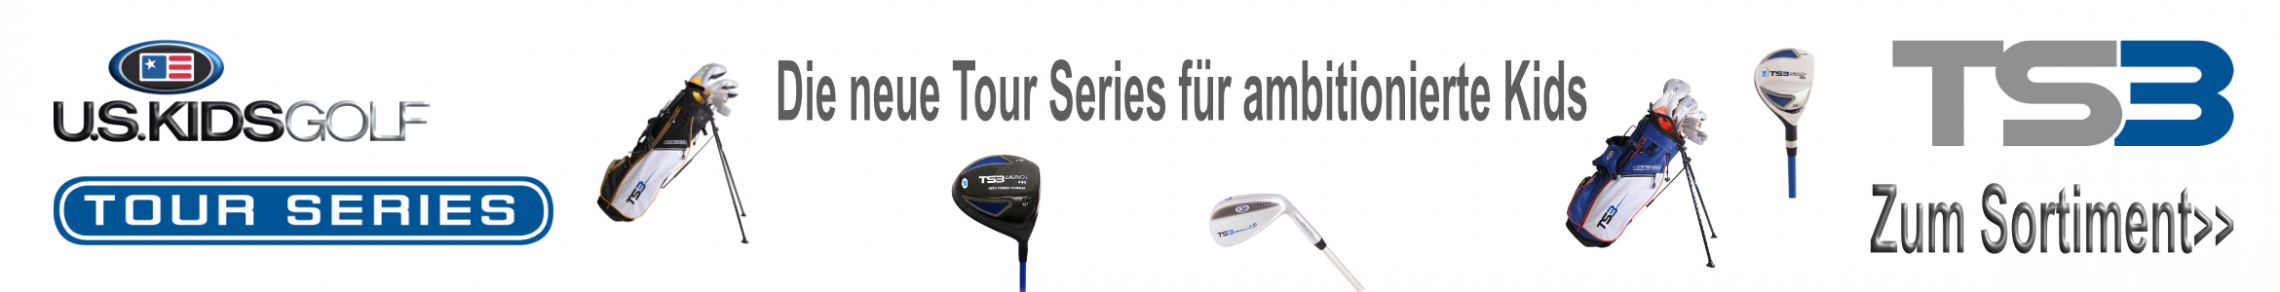 Golfschläger für Kinder - Kinder Golf Sets günstig im Onlineshop